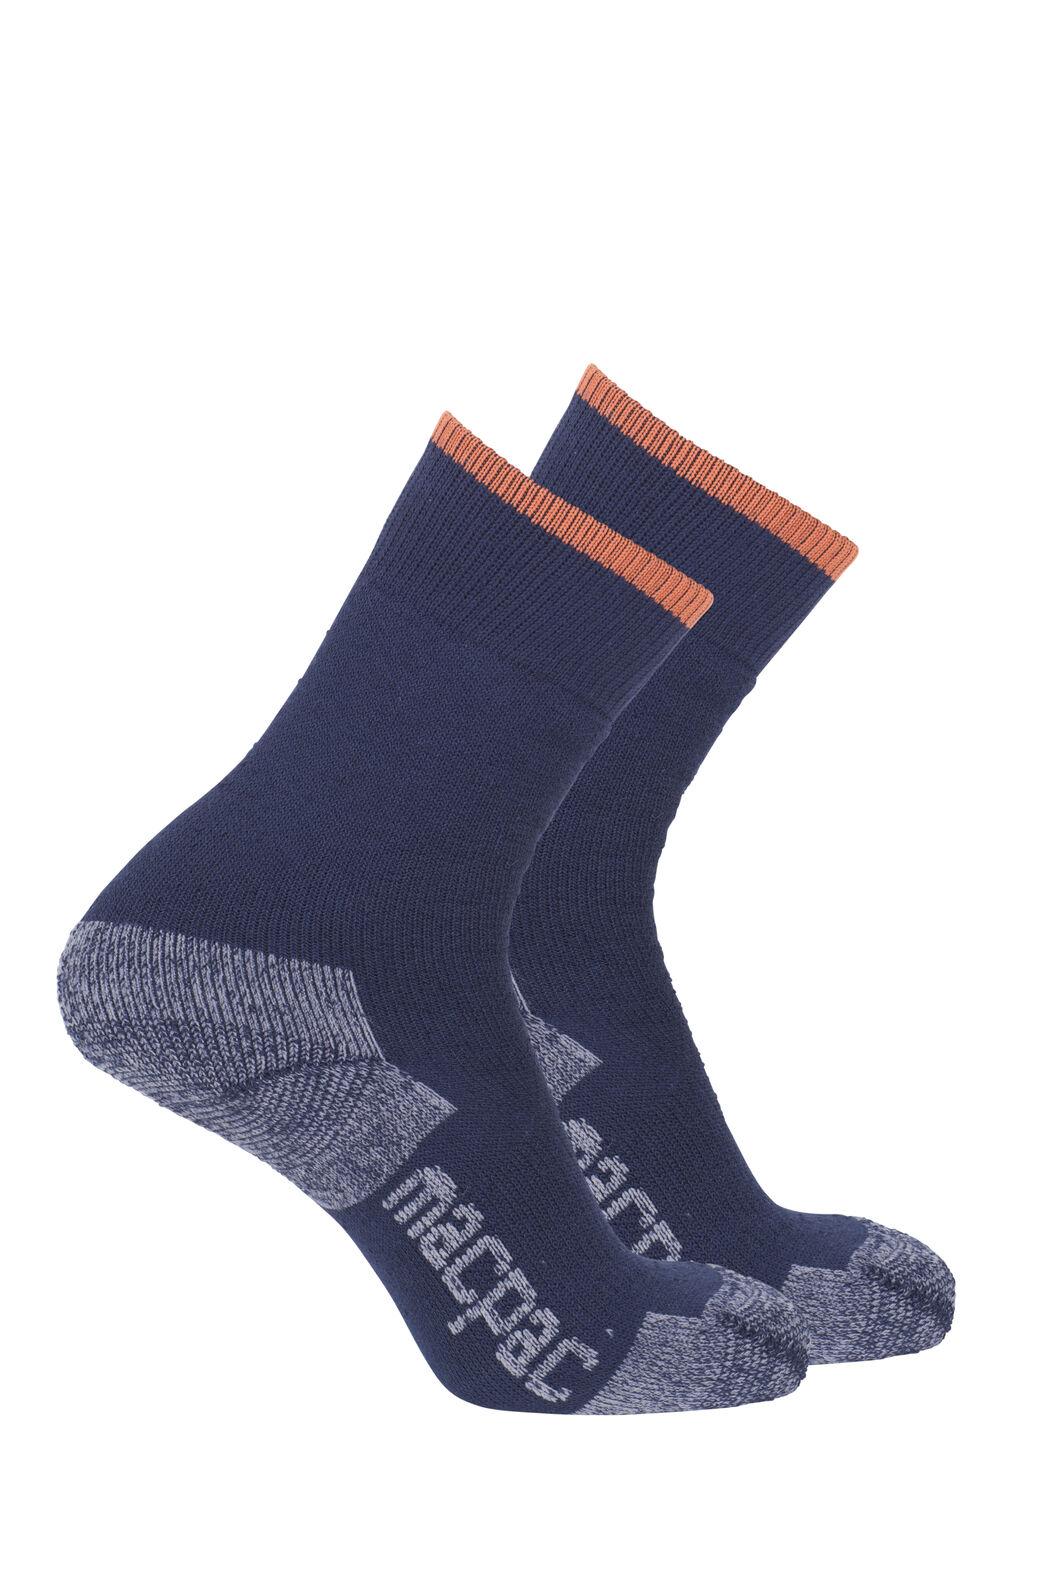 Macpac Thermal Sock — 2 Pack, Black Iris/Black Iris, hi-res